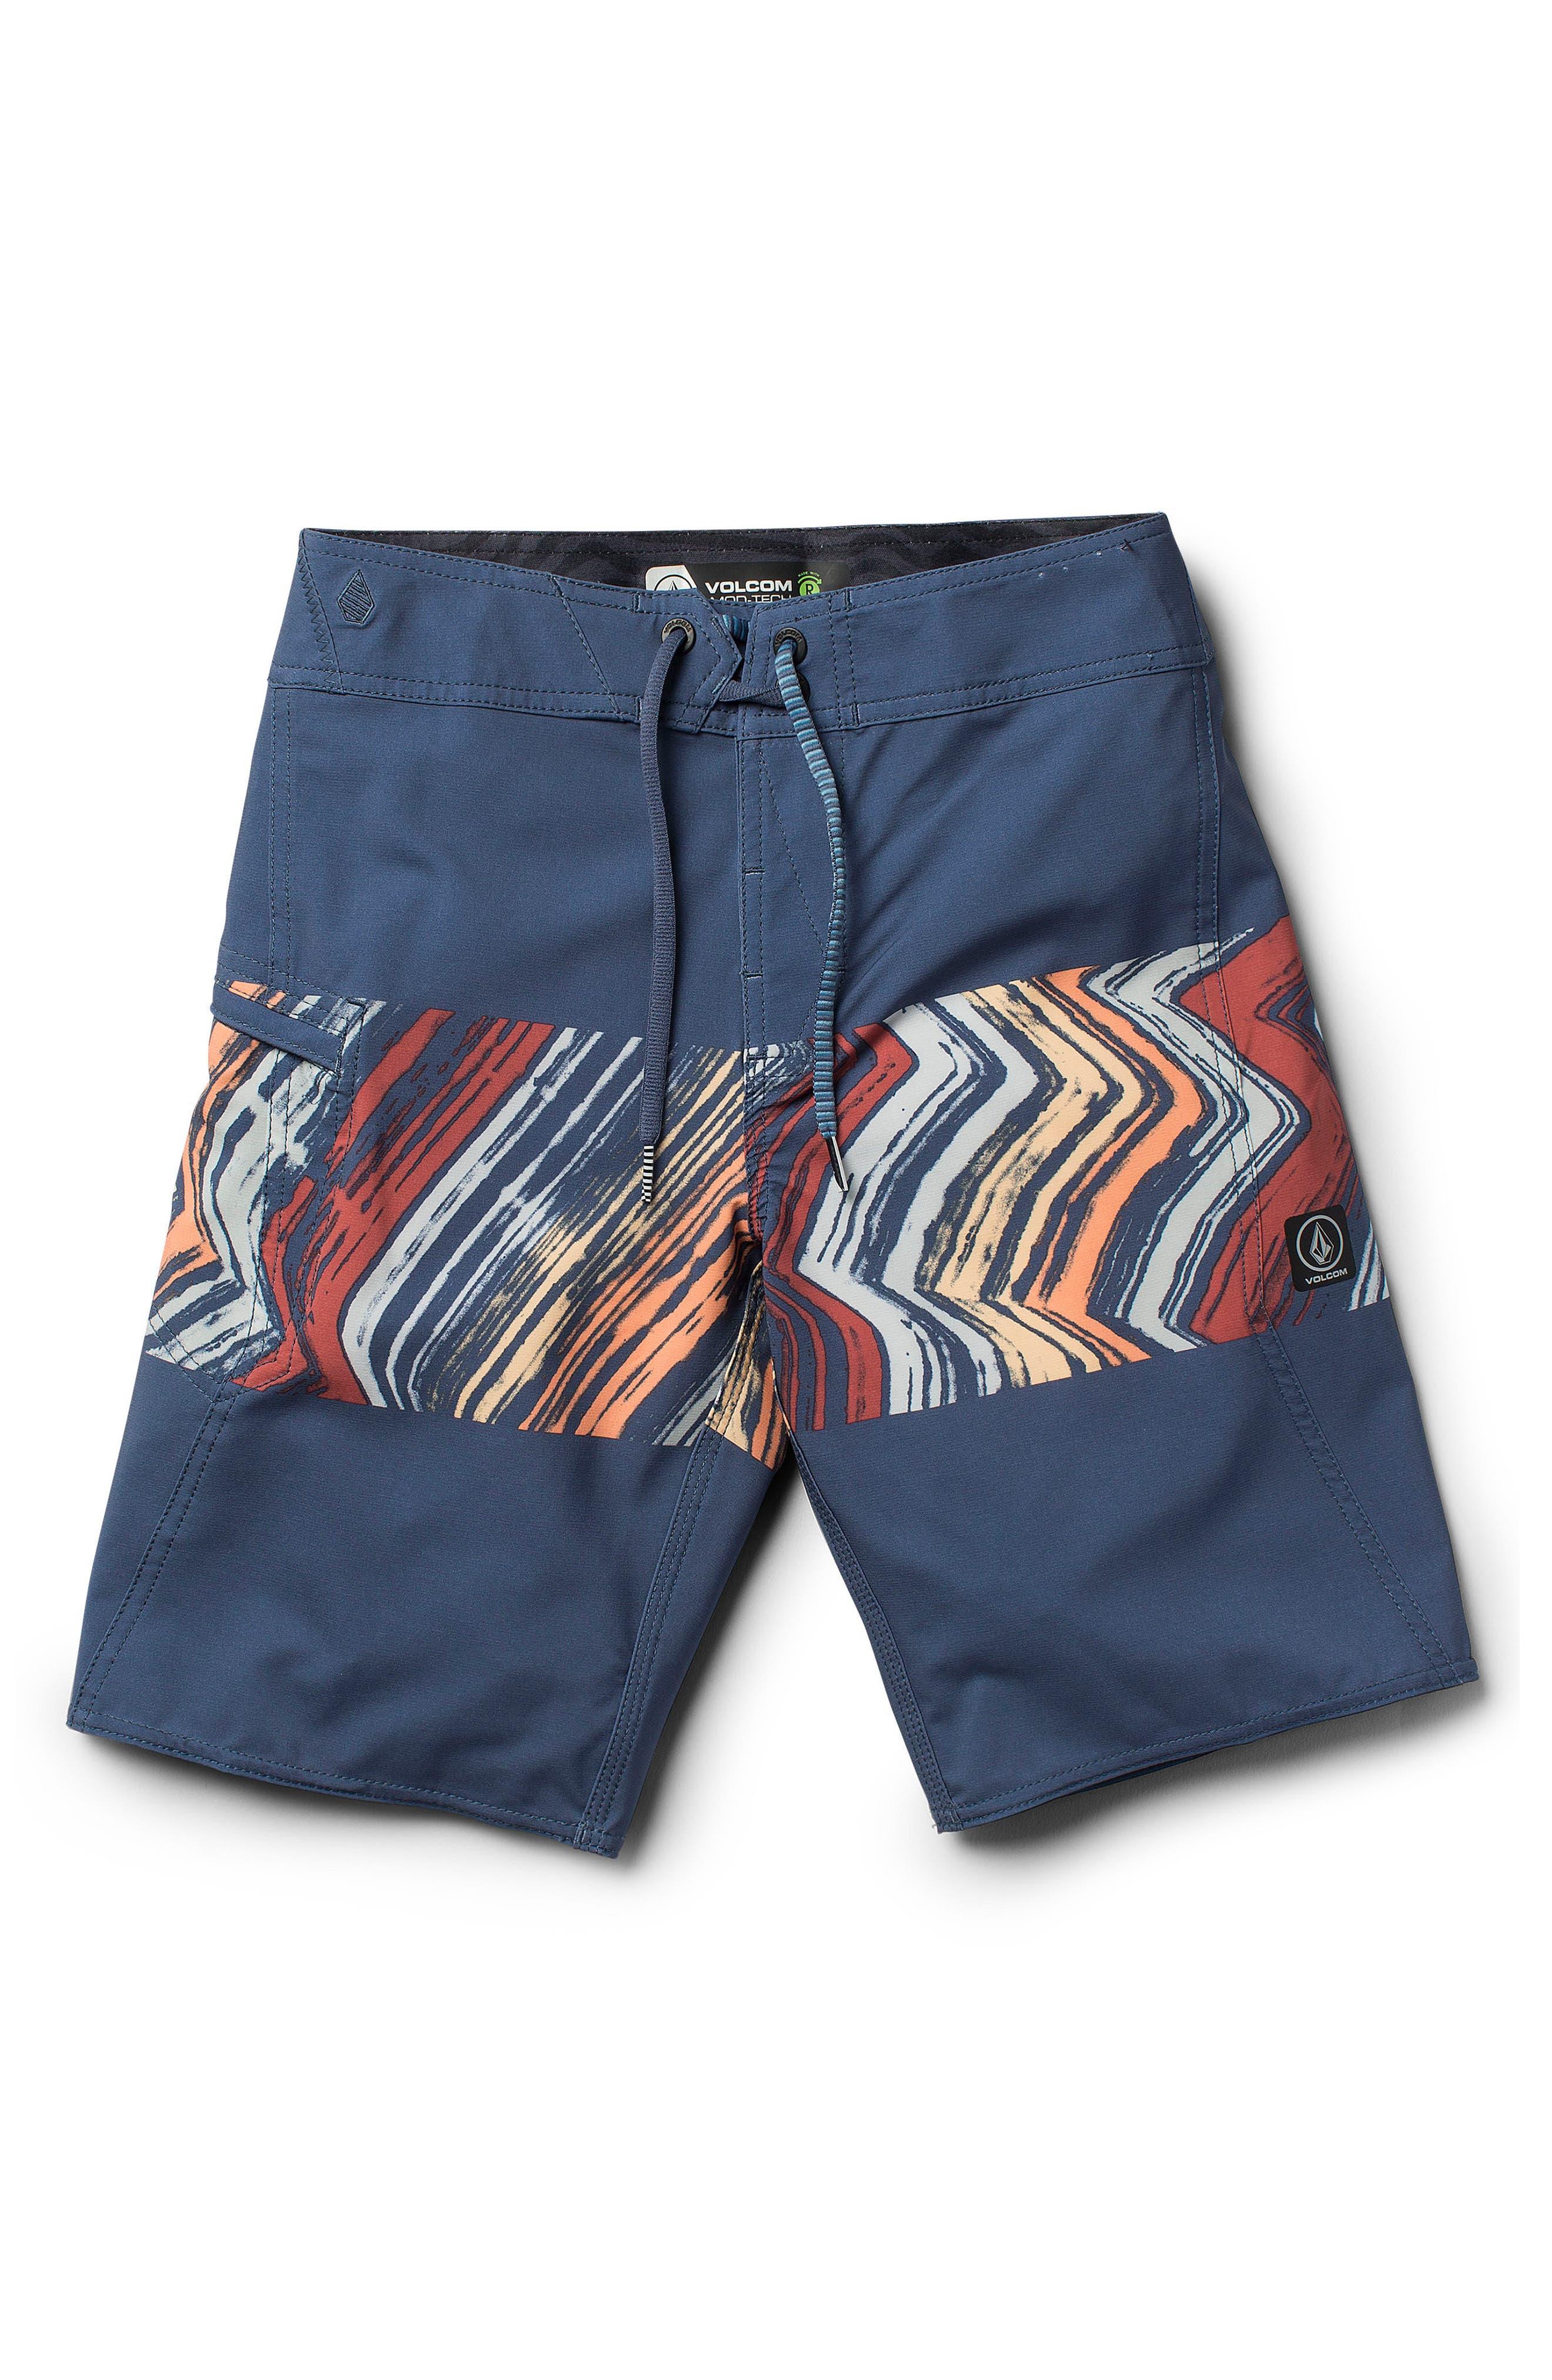 Macaw Board Shorts,                         Main,                         color, Sunburst